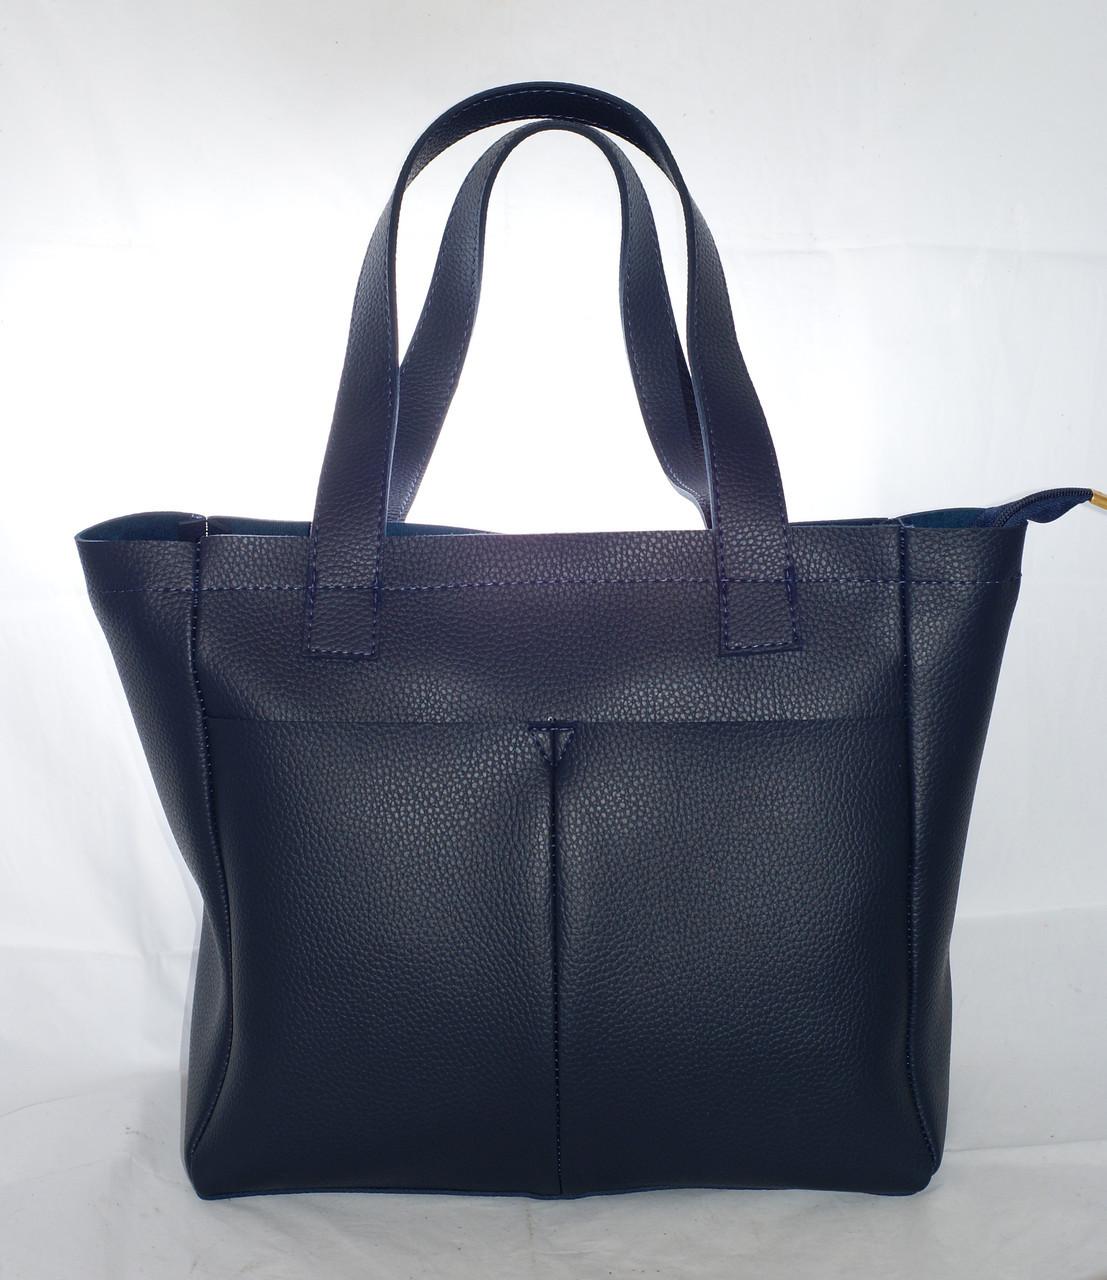 5faa496694ed Большая женская сумка-шоппер B.Elit, синяя - Интернет-магазин